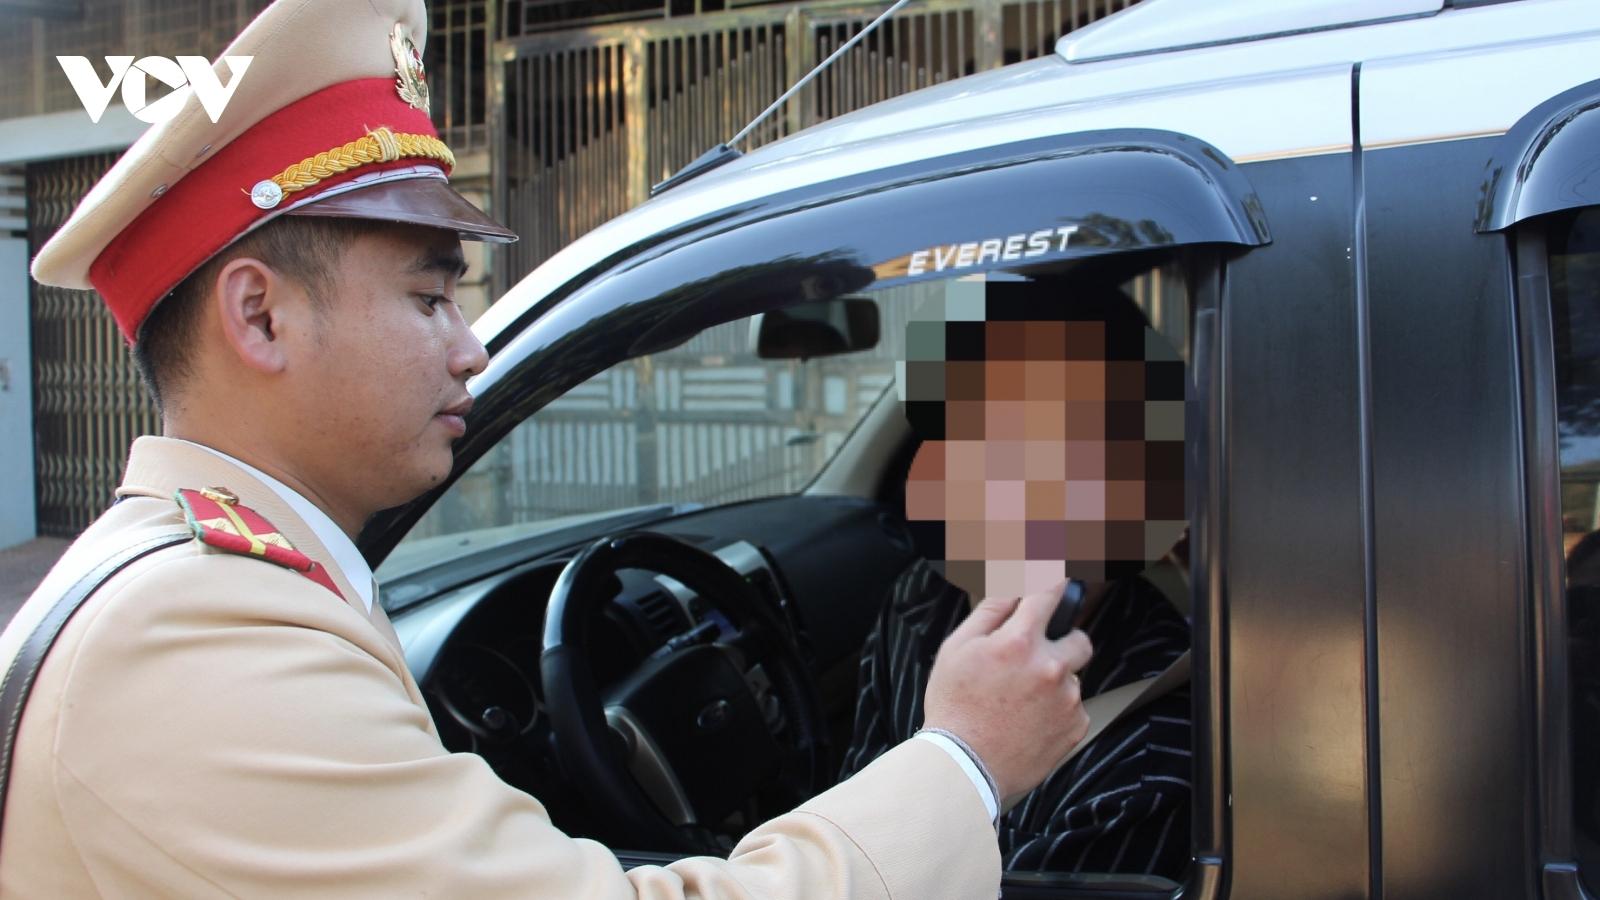 Vi phạm nồng độ cồn, một lái xe ở Yên Bái bị phạt hơn 40 triệu đồng